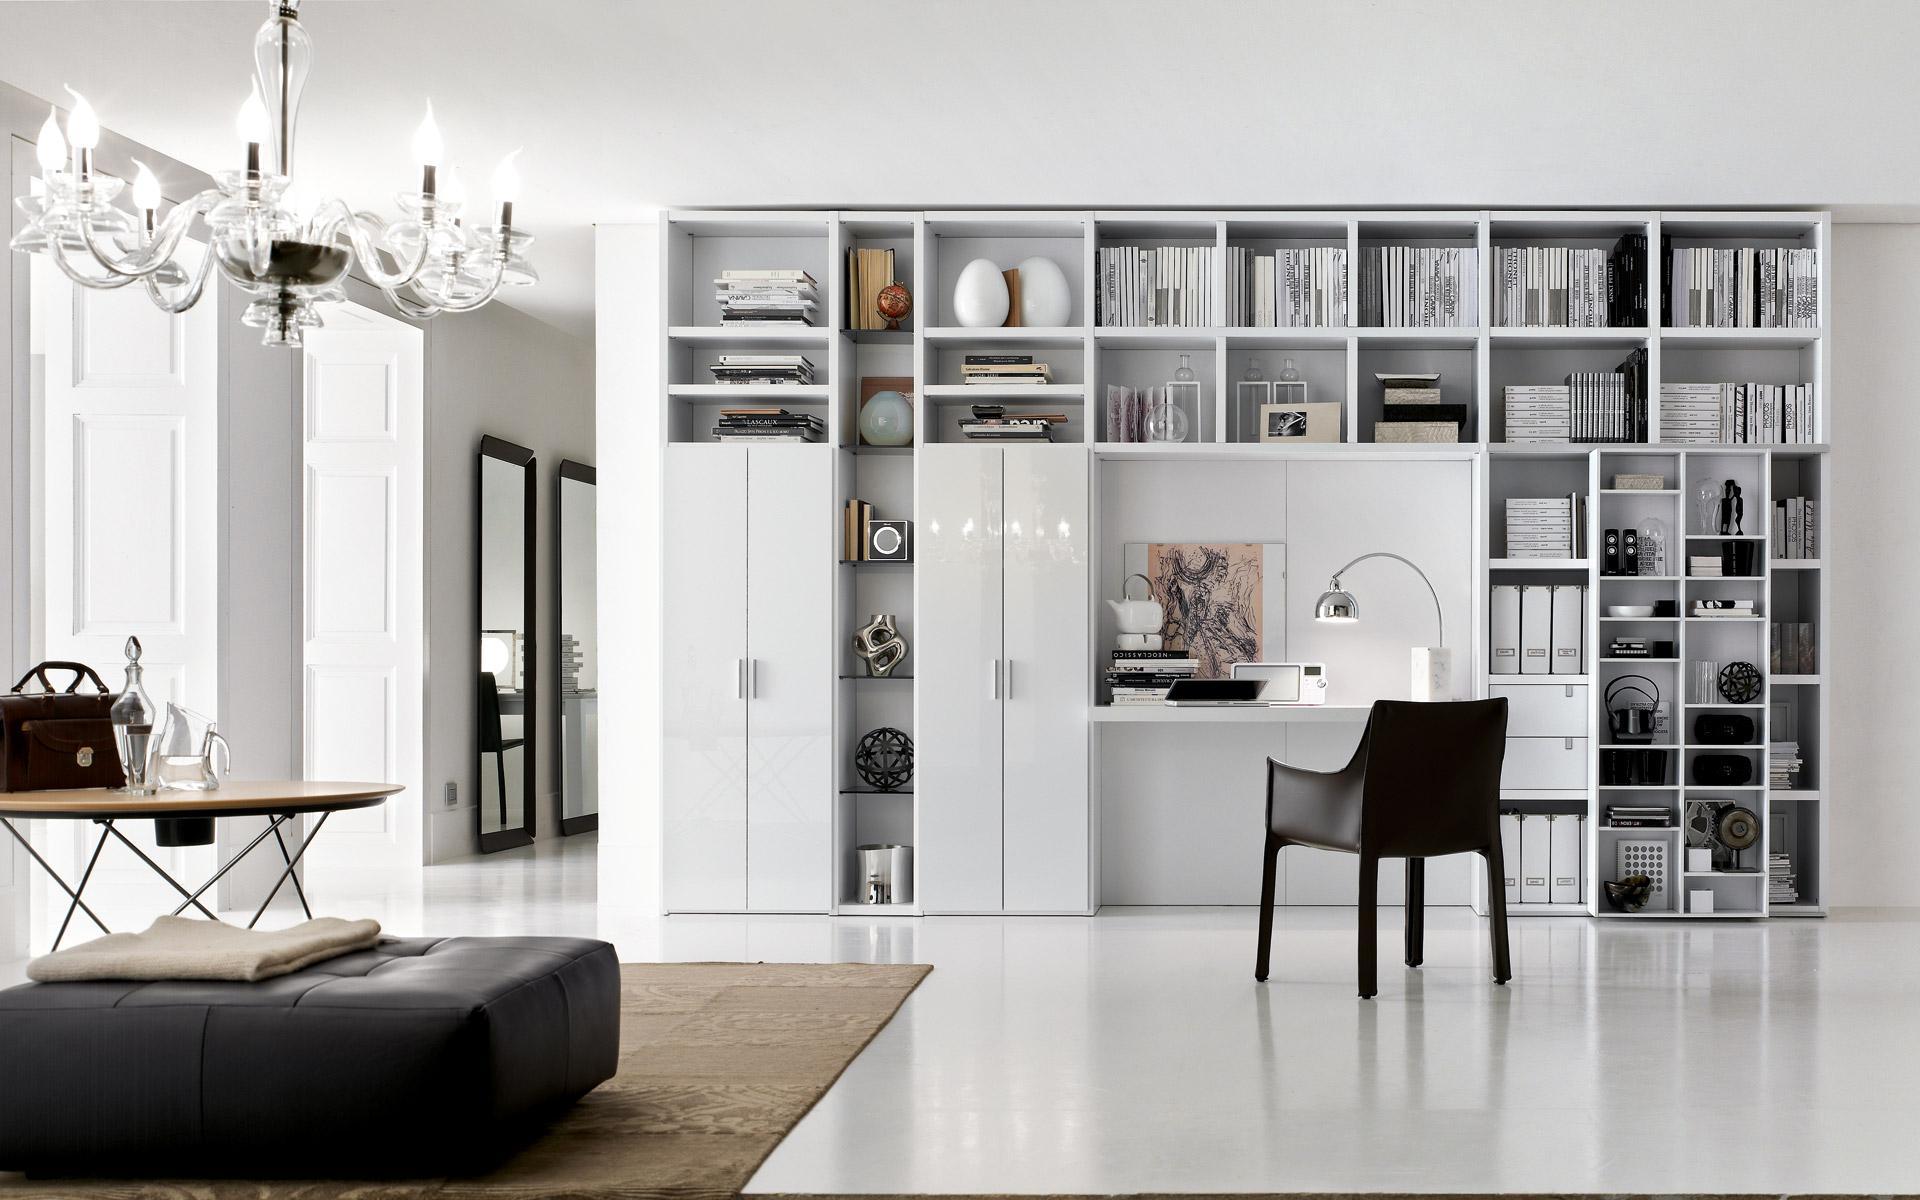 Design stile le regole d oro nell arredamento for Arredamento divani